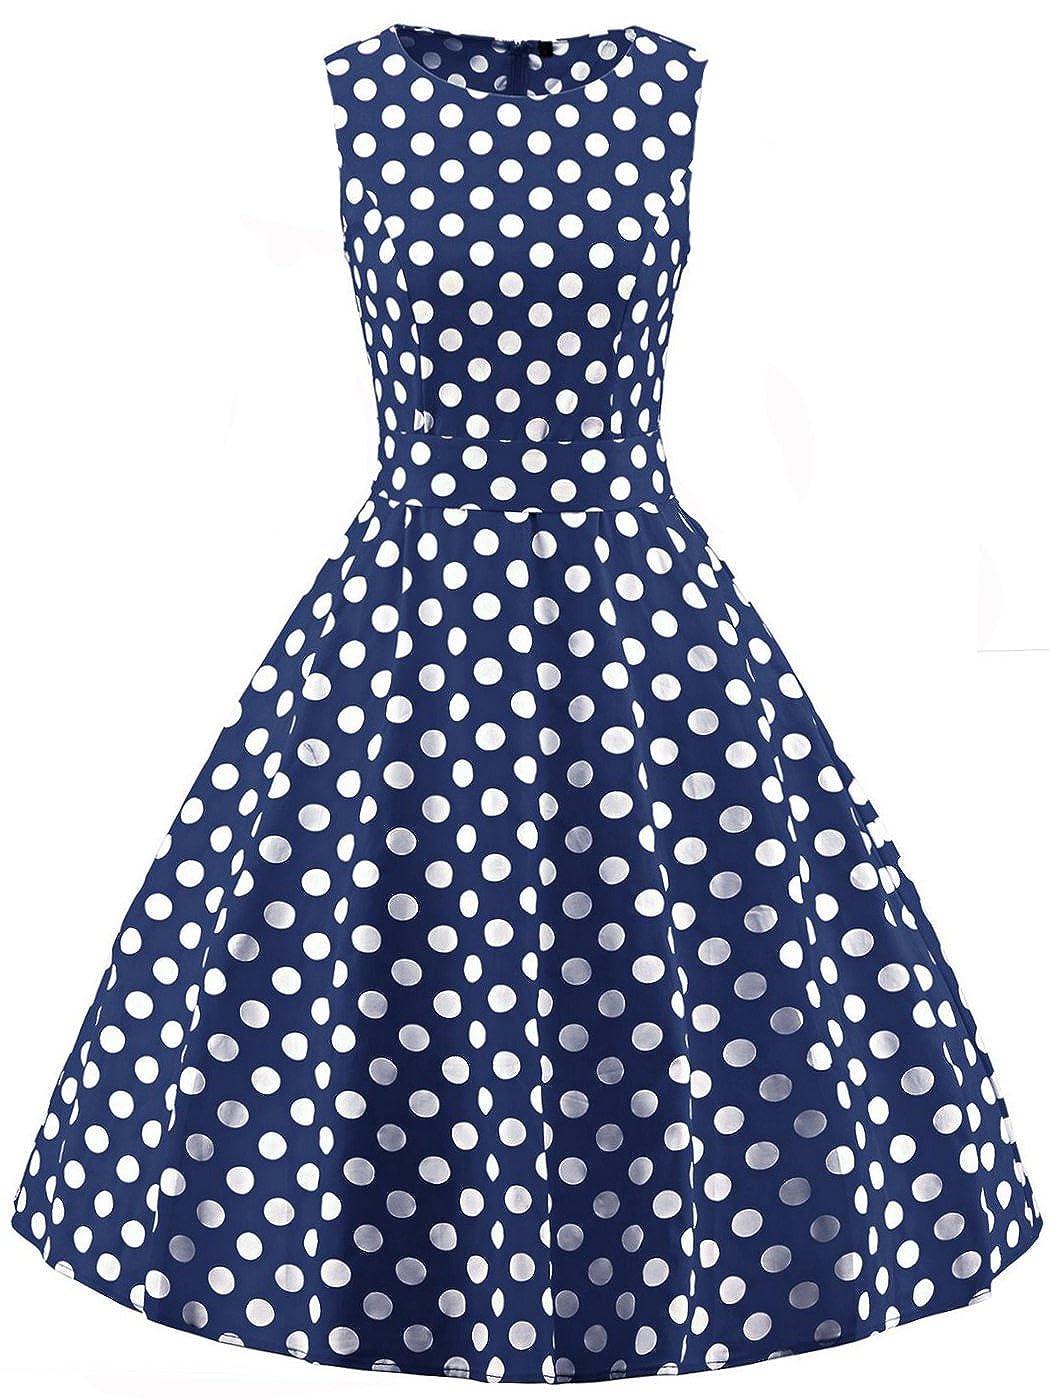 TALLA 4XL. FAIRY COUPLE 50s Vestido de Partido Floral Retro del Oscilación del Cóctel del Vintage con el Arco DRT017 Azul Marino Puntos Blancos 4XL